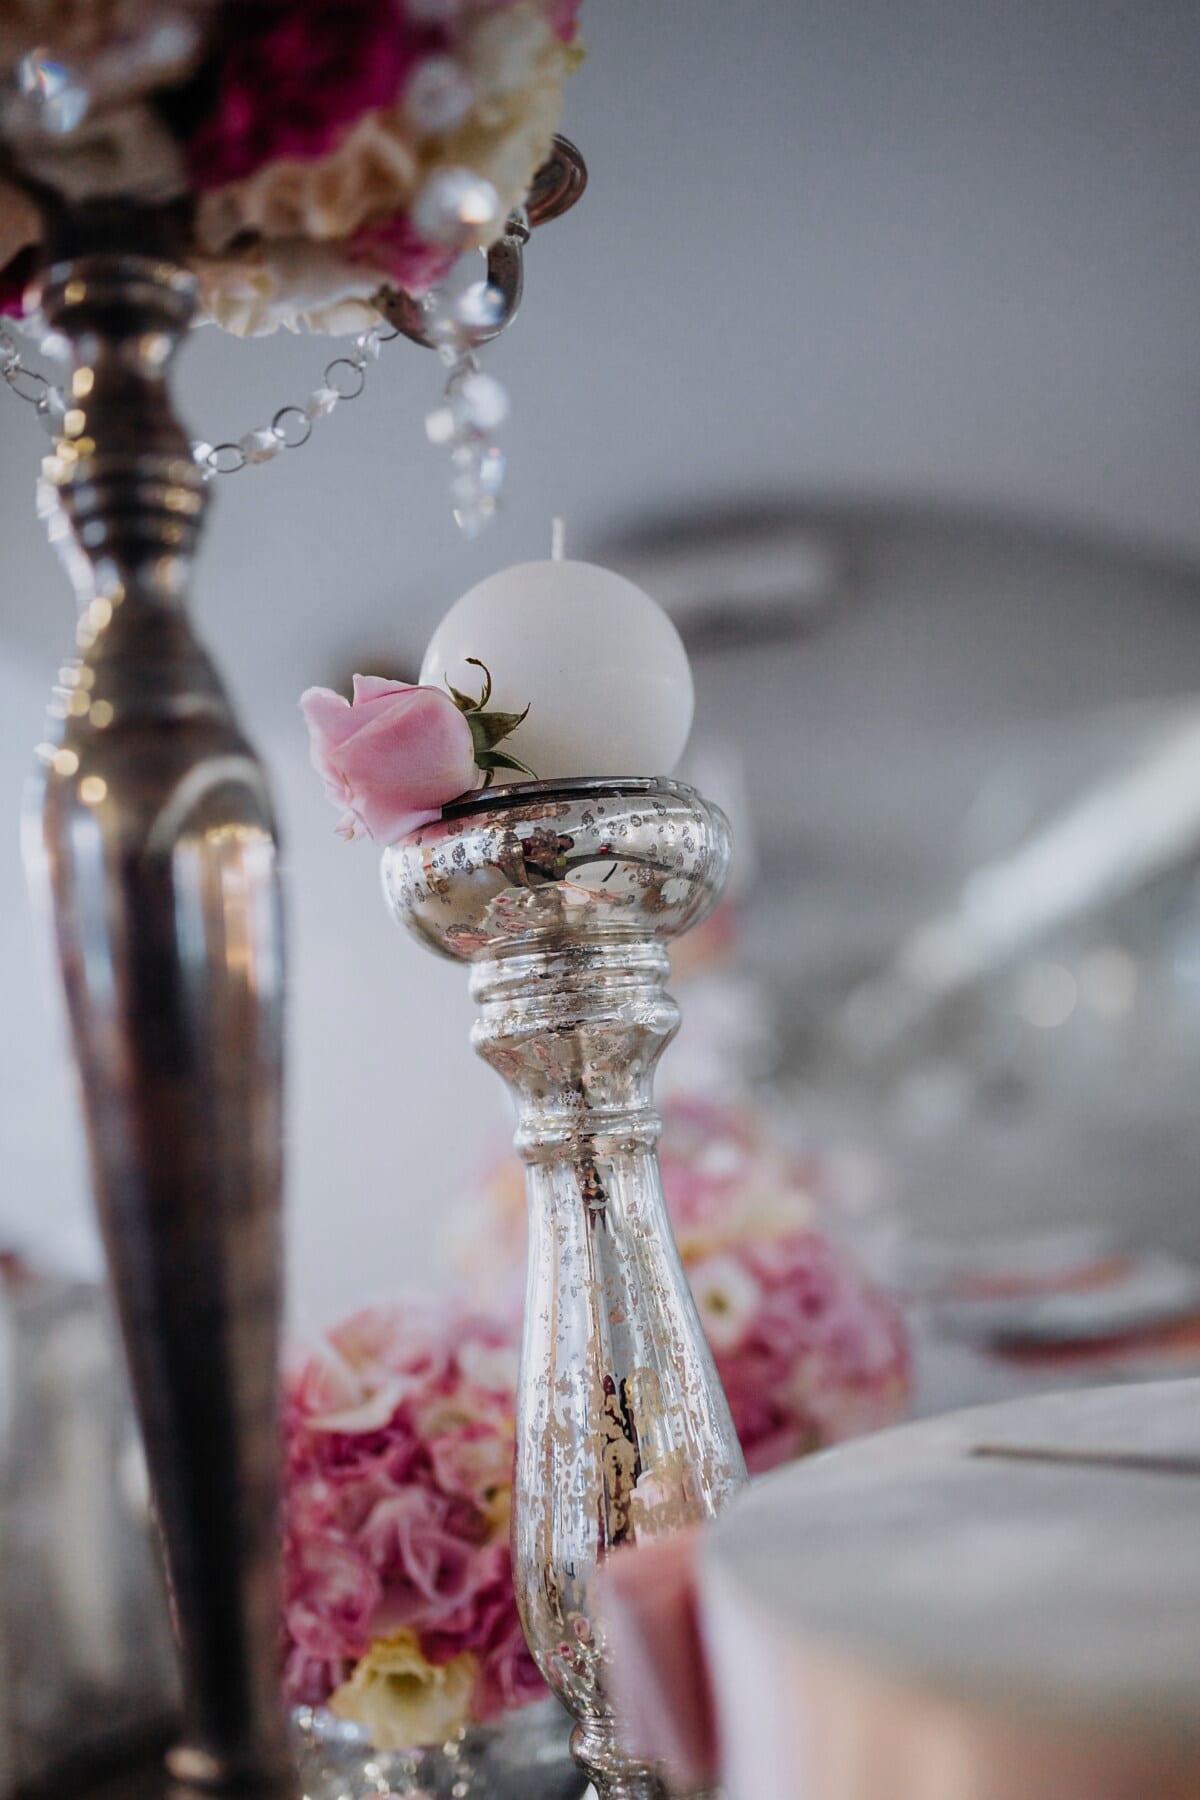 Empfang, Interieur-design, Innendekoration, Leuchter, Still-Leben, Kristall, Luxus, Blume, Romantik, Glas